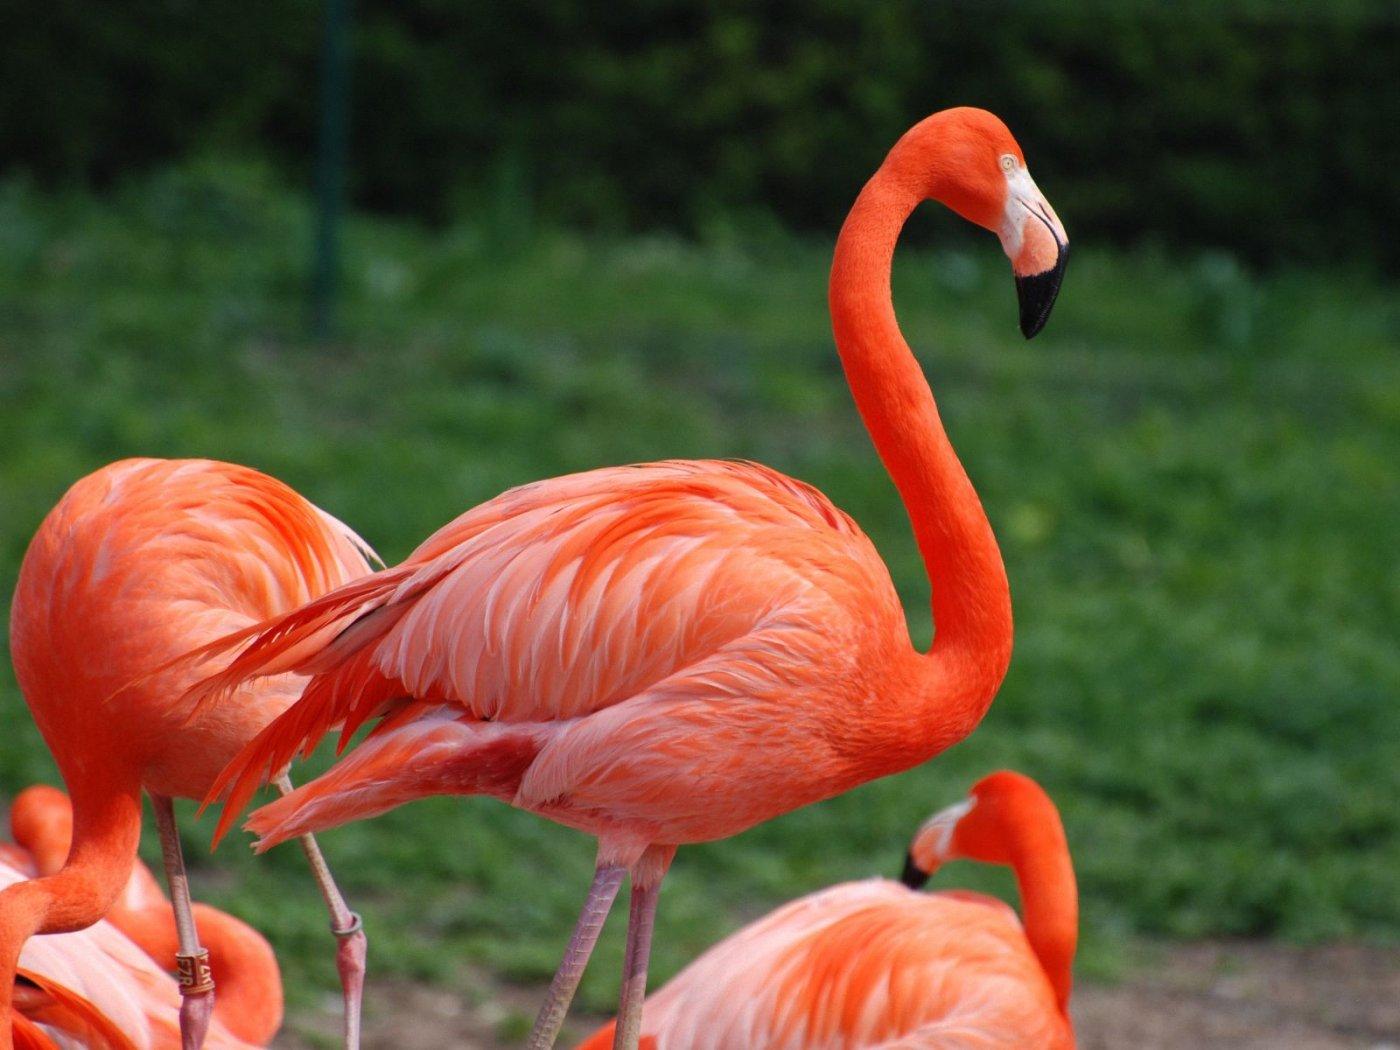 بالصور صور طيور , اروع صور طيور جميلة 5839 5